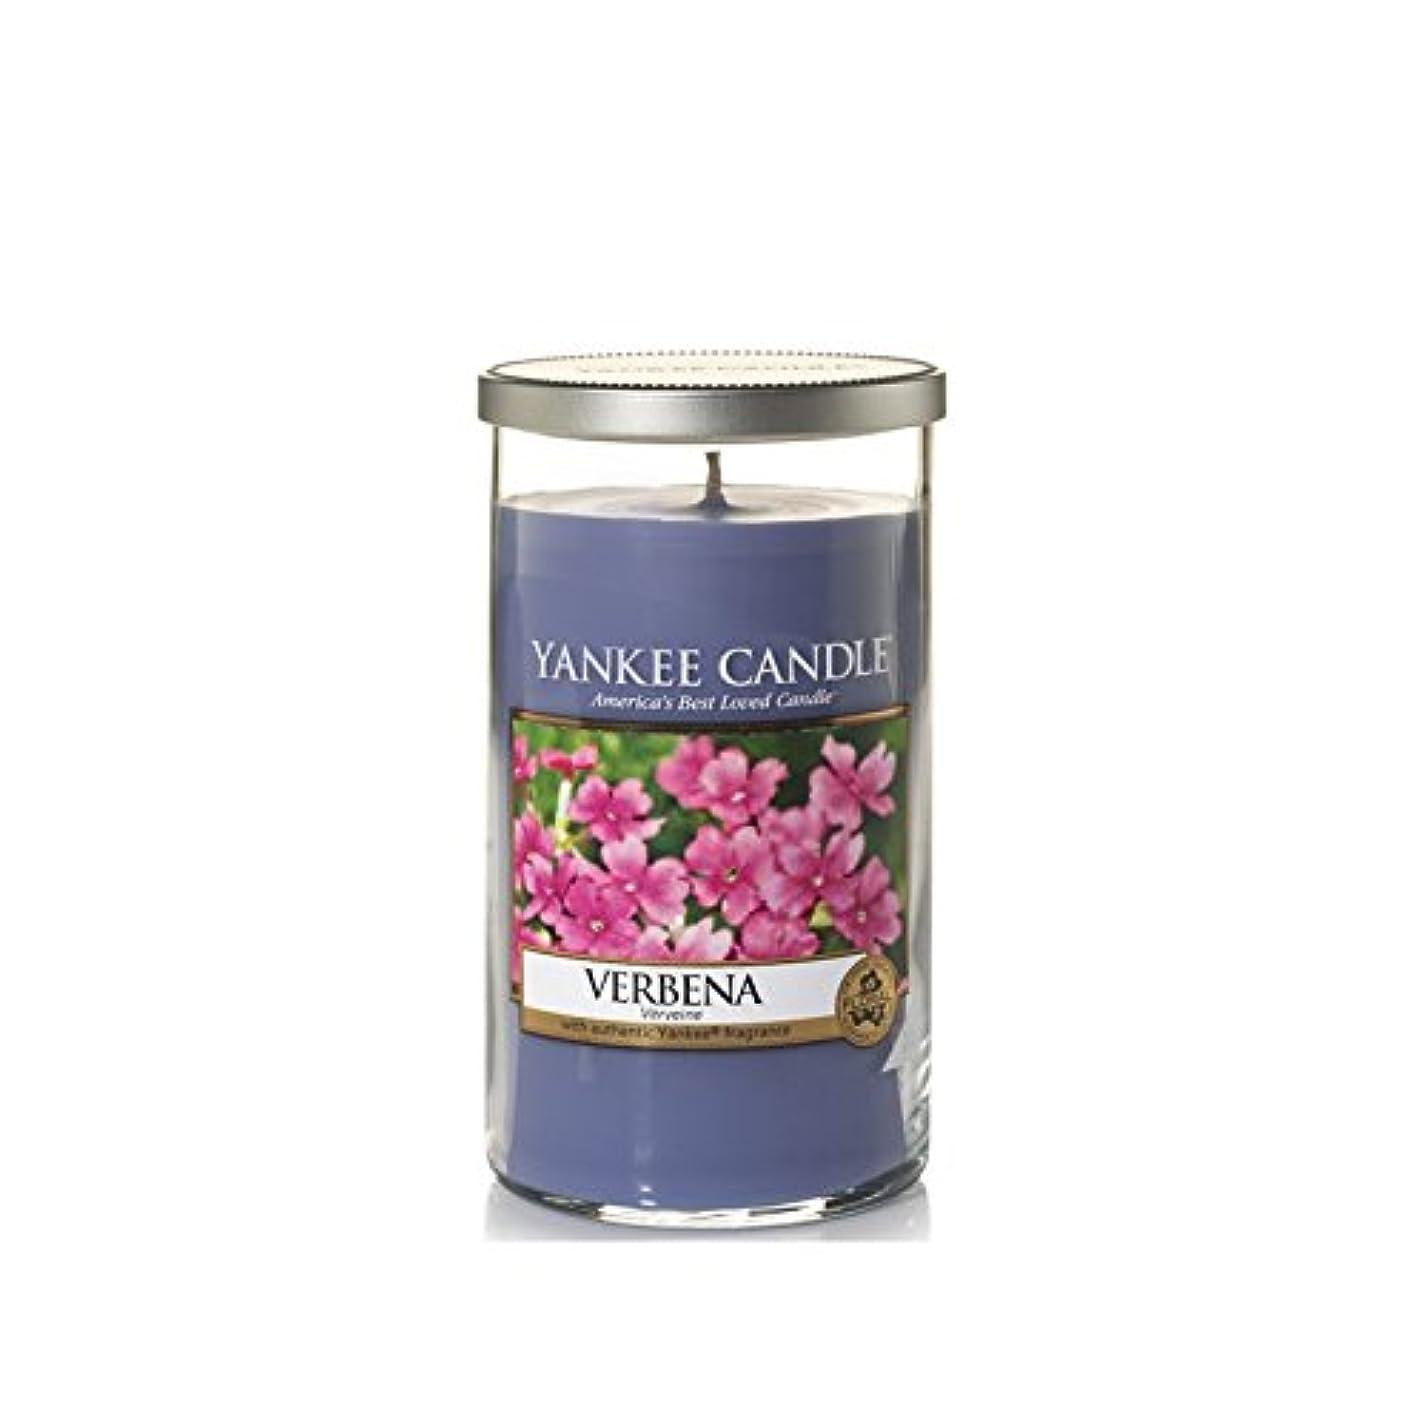 雇用者ご予約潤滑するヤンキーキャンドルメディアピラーキャンドル - バーベナ - Yankee Candles Medium Pillar Candle - Verbena (Yankee Candles) [並行輸入品]